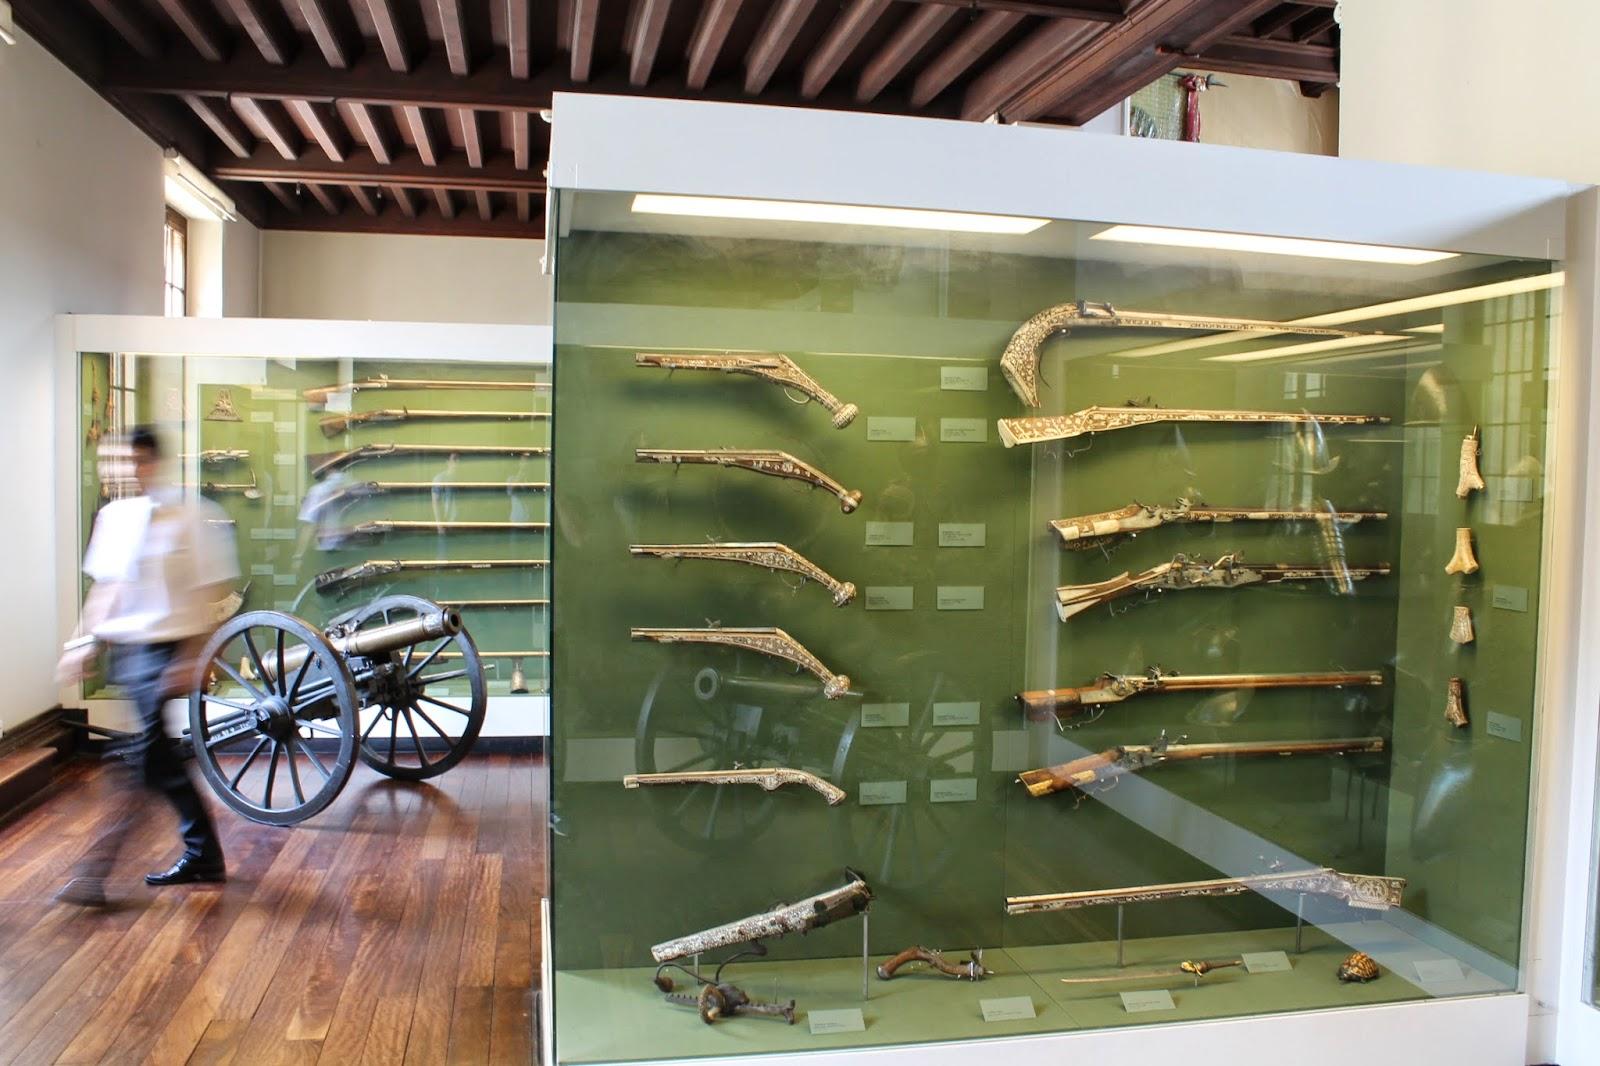 Waffen, Waffe, Rüstung, Kanone, schweizerisch, Kunstmuseum, kulturhistorisch